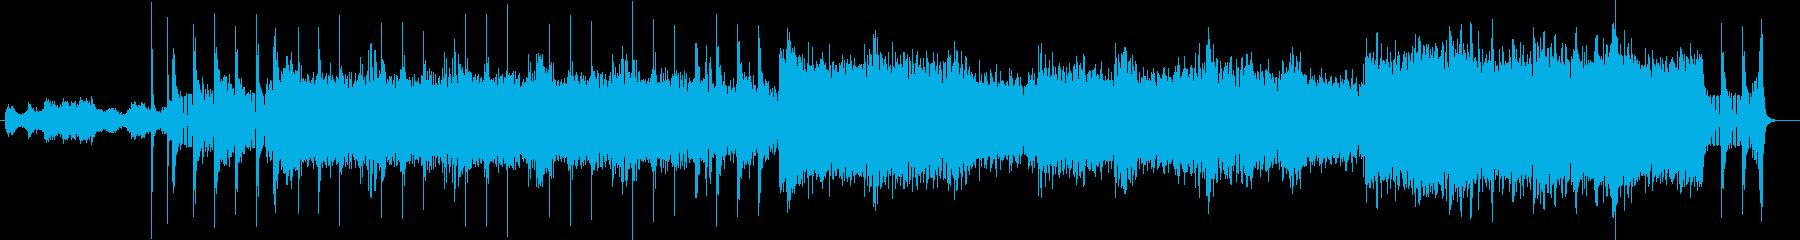 変則ビートでアンビエントなのテクノの曲の再生済みの波形